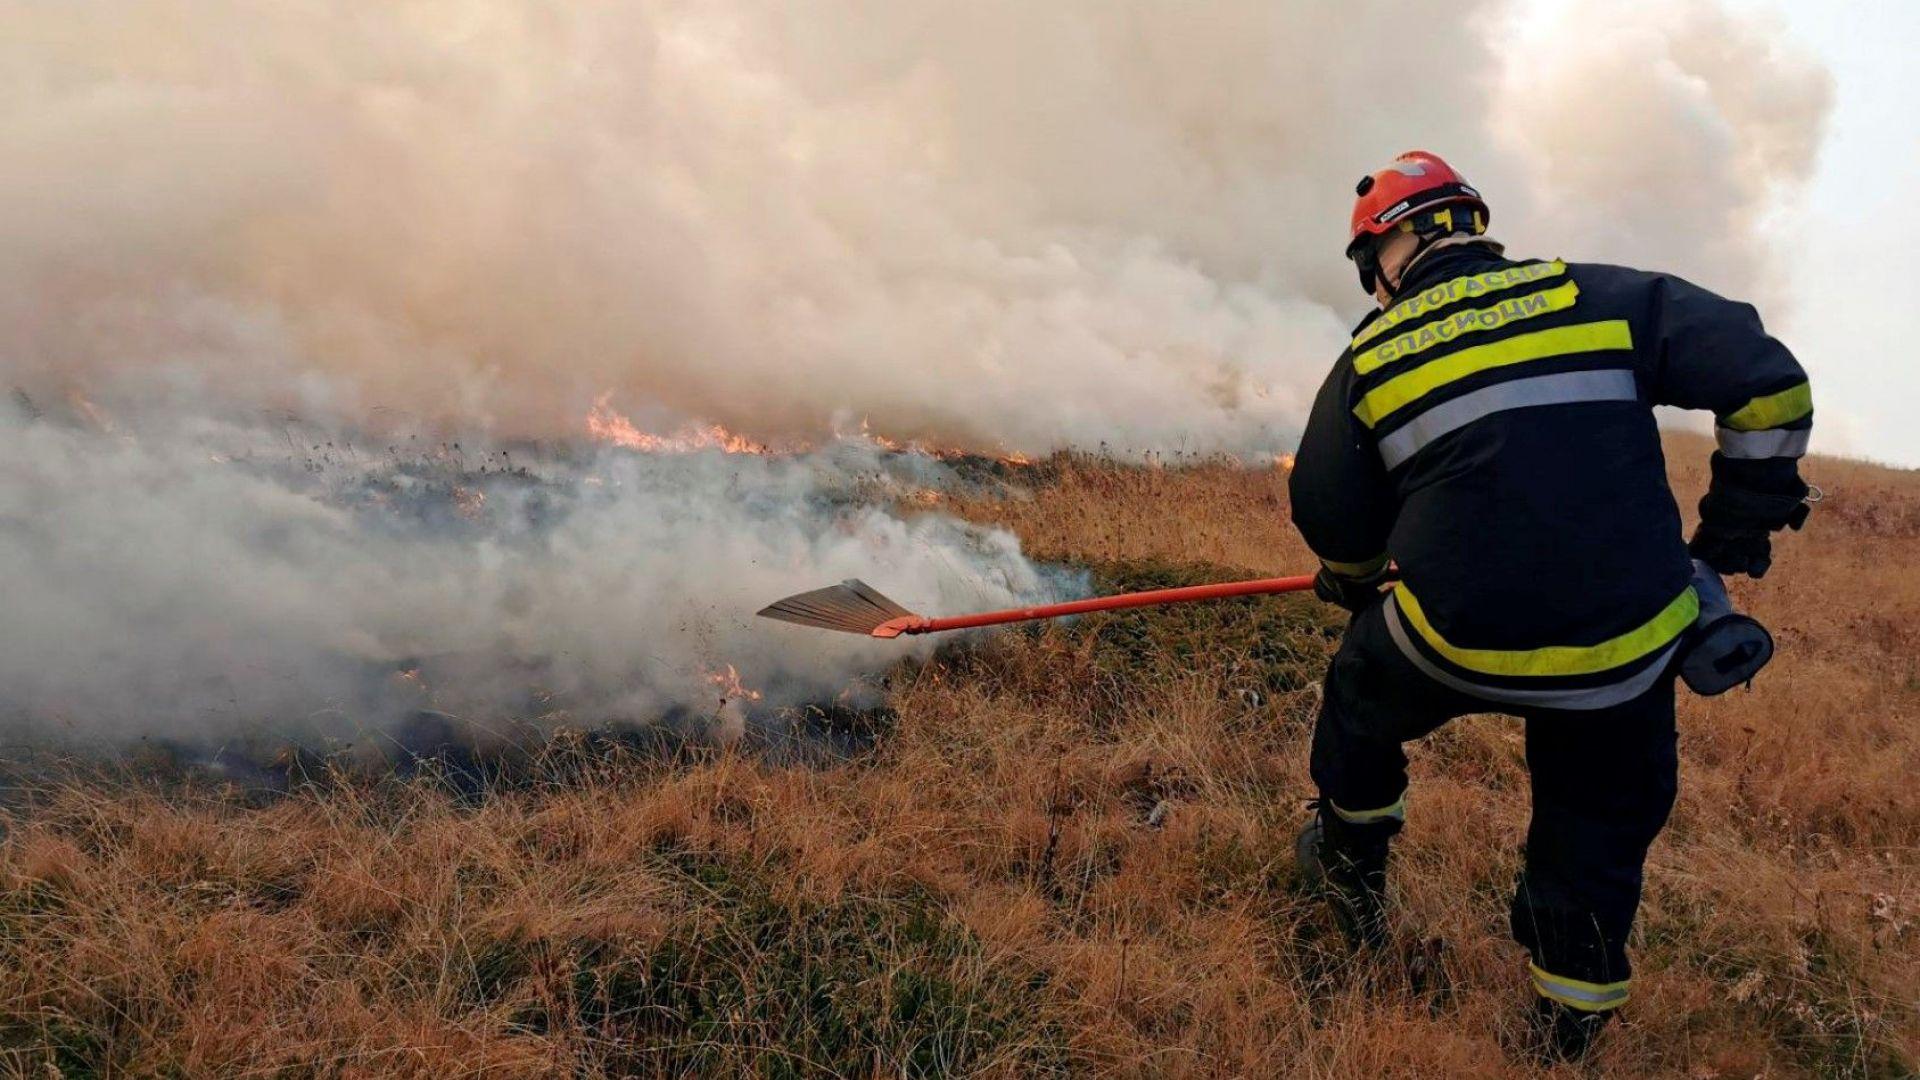 Въведоха извънредно положение в Сърбия заради пожара, който бушува и в Стара планина